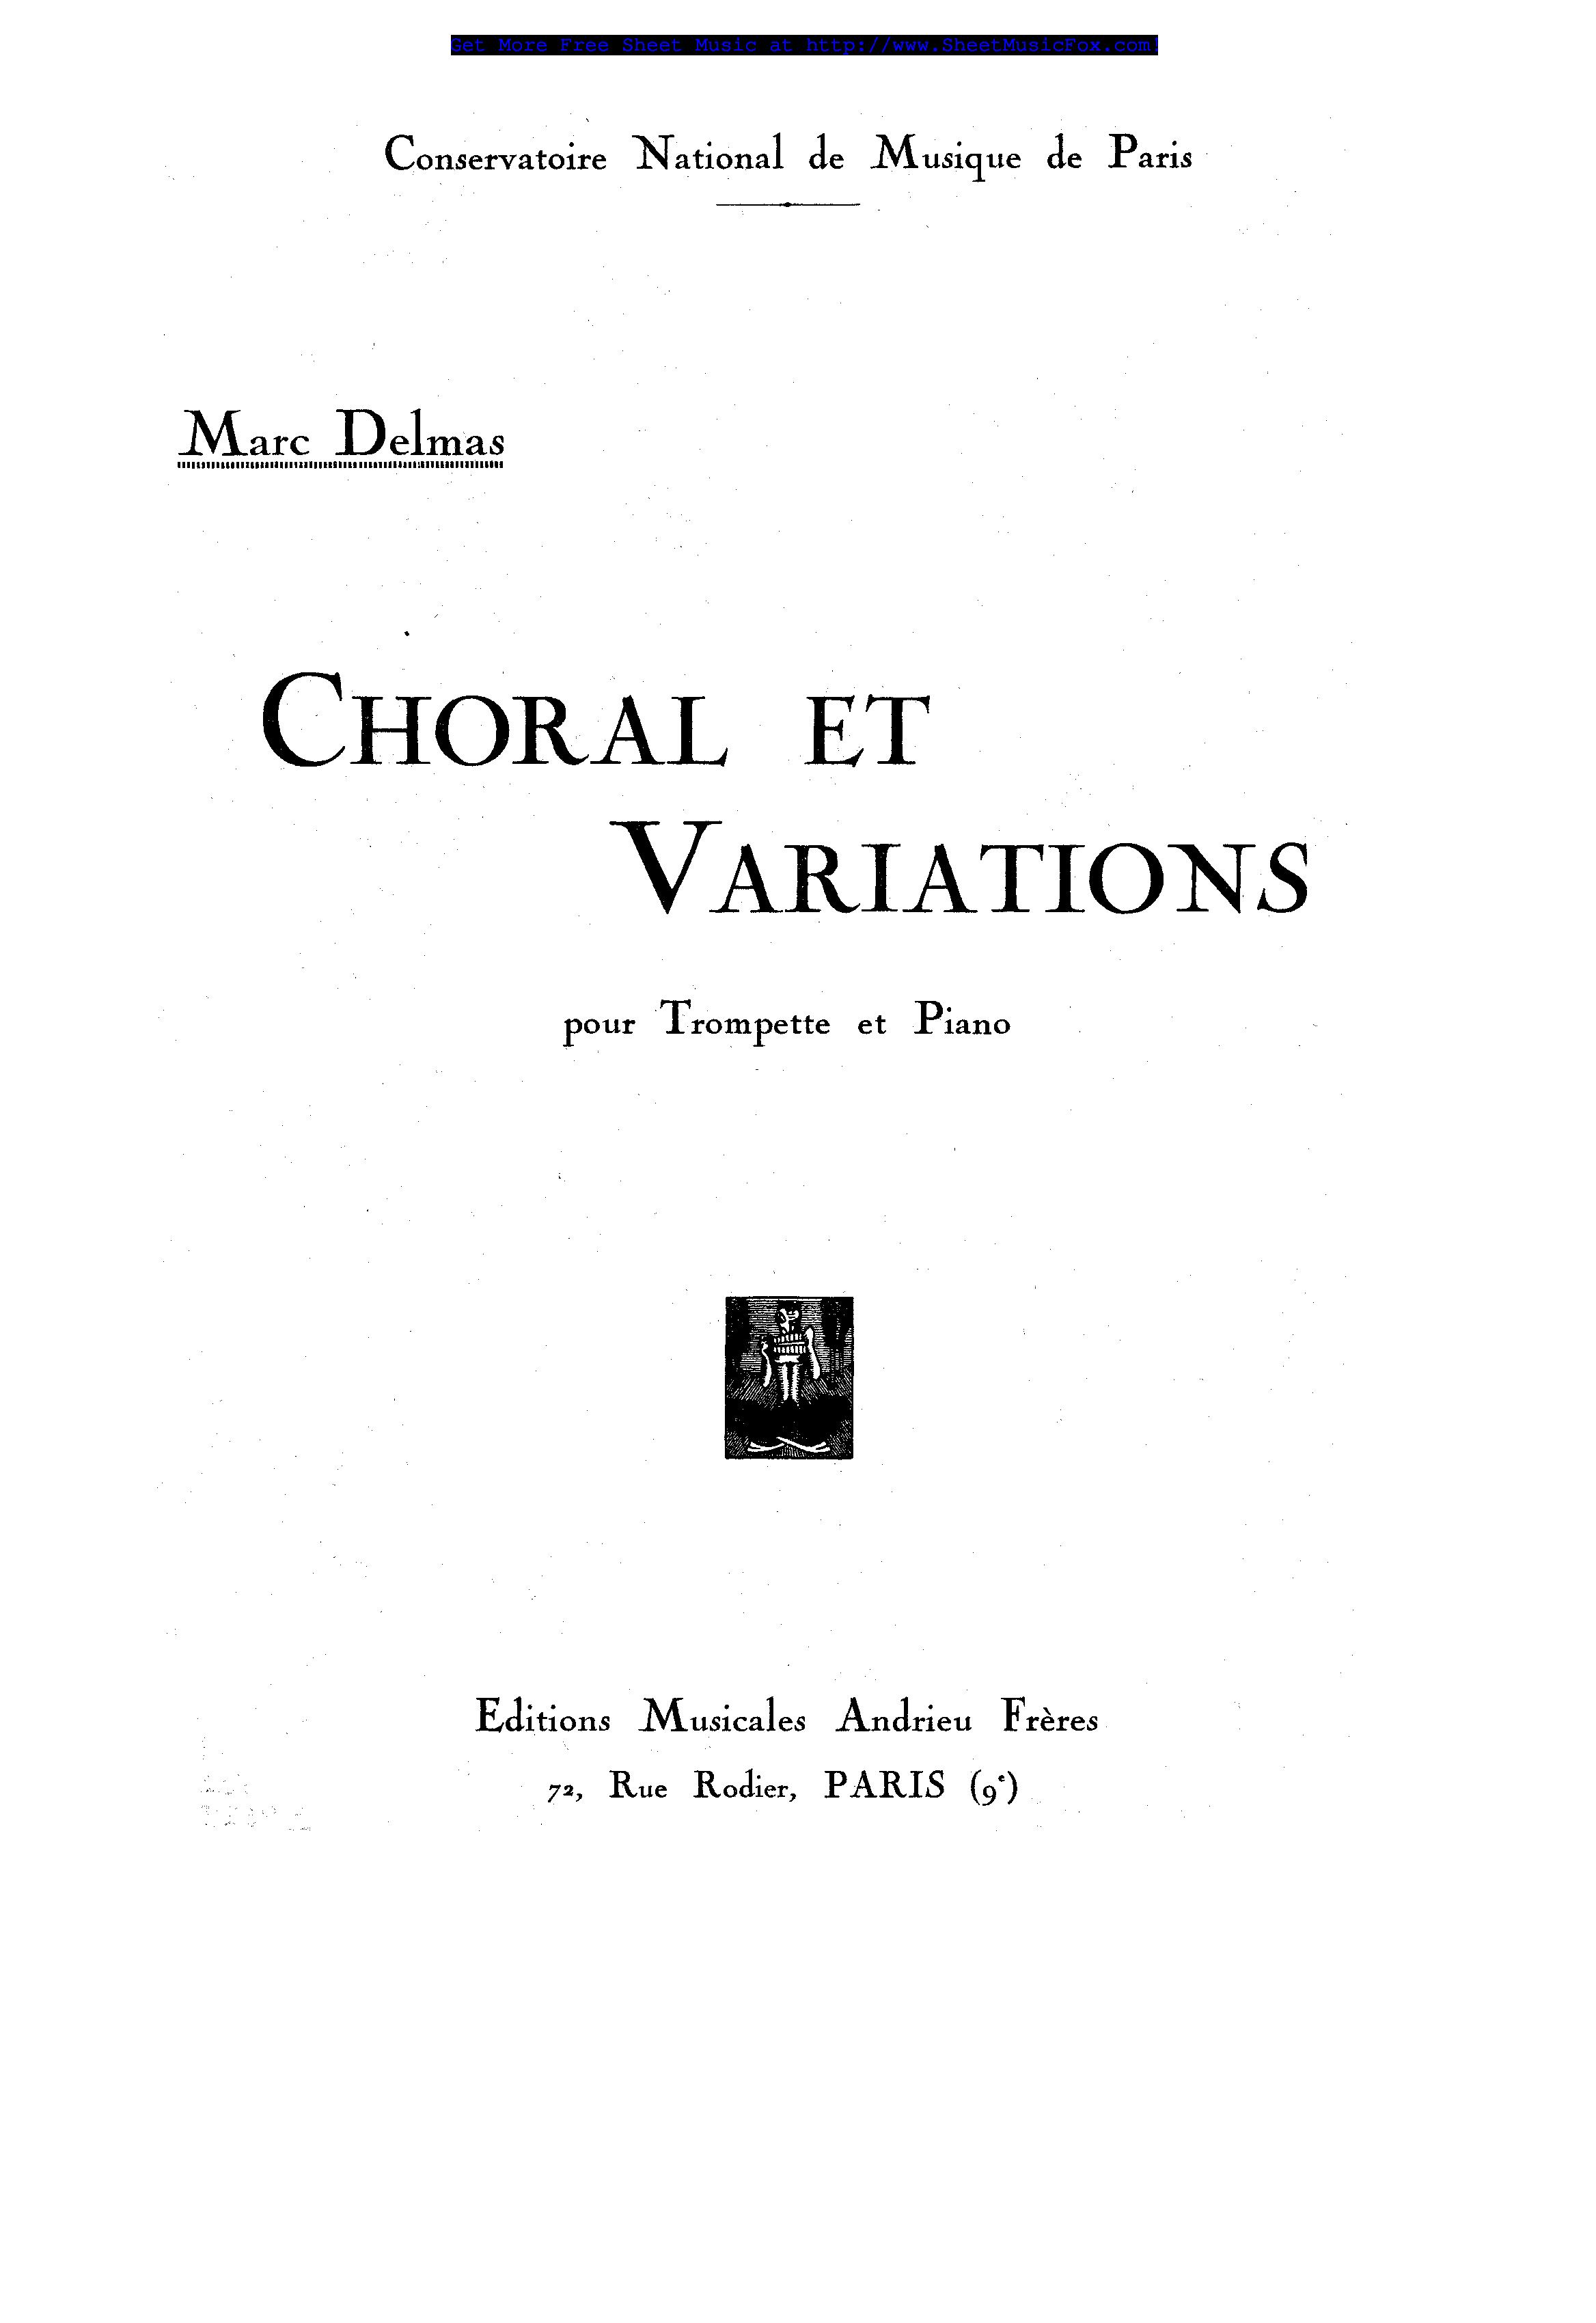 CHORAL ET VARIATIONS Op.37